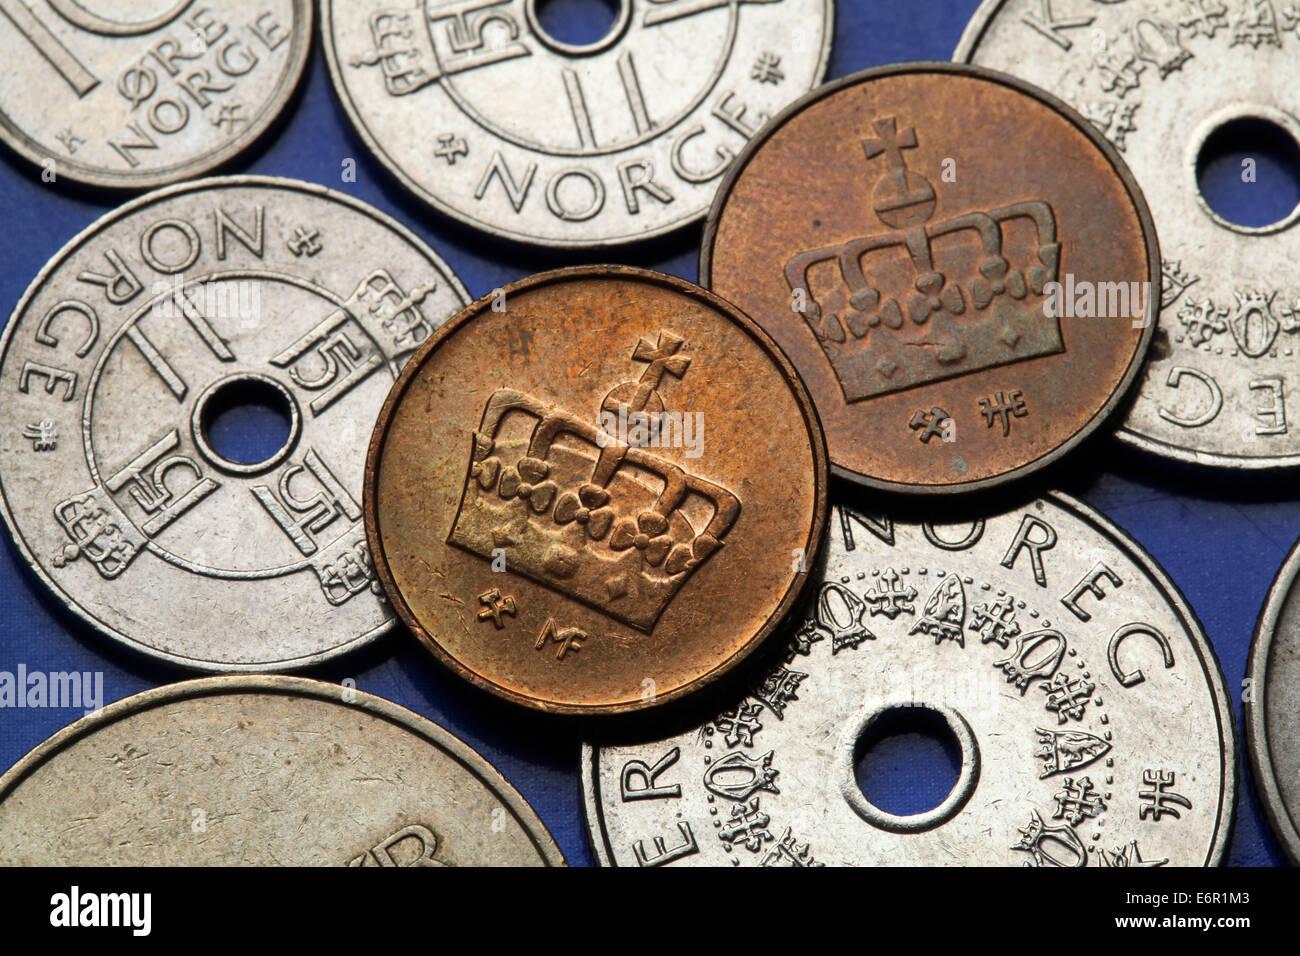 Münzen Von Norwegen Norwegische Krone In Norwegischen Erz Münzen